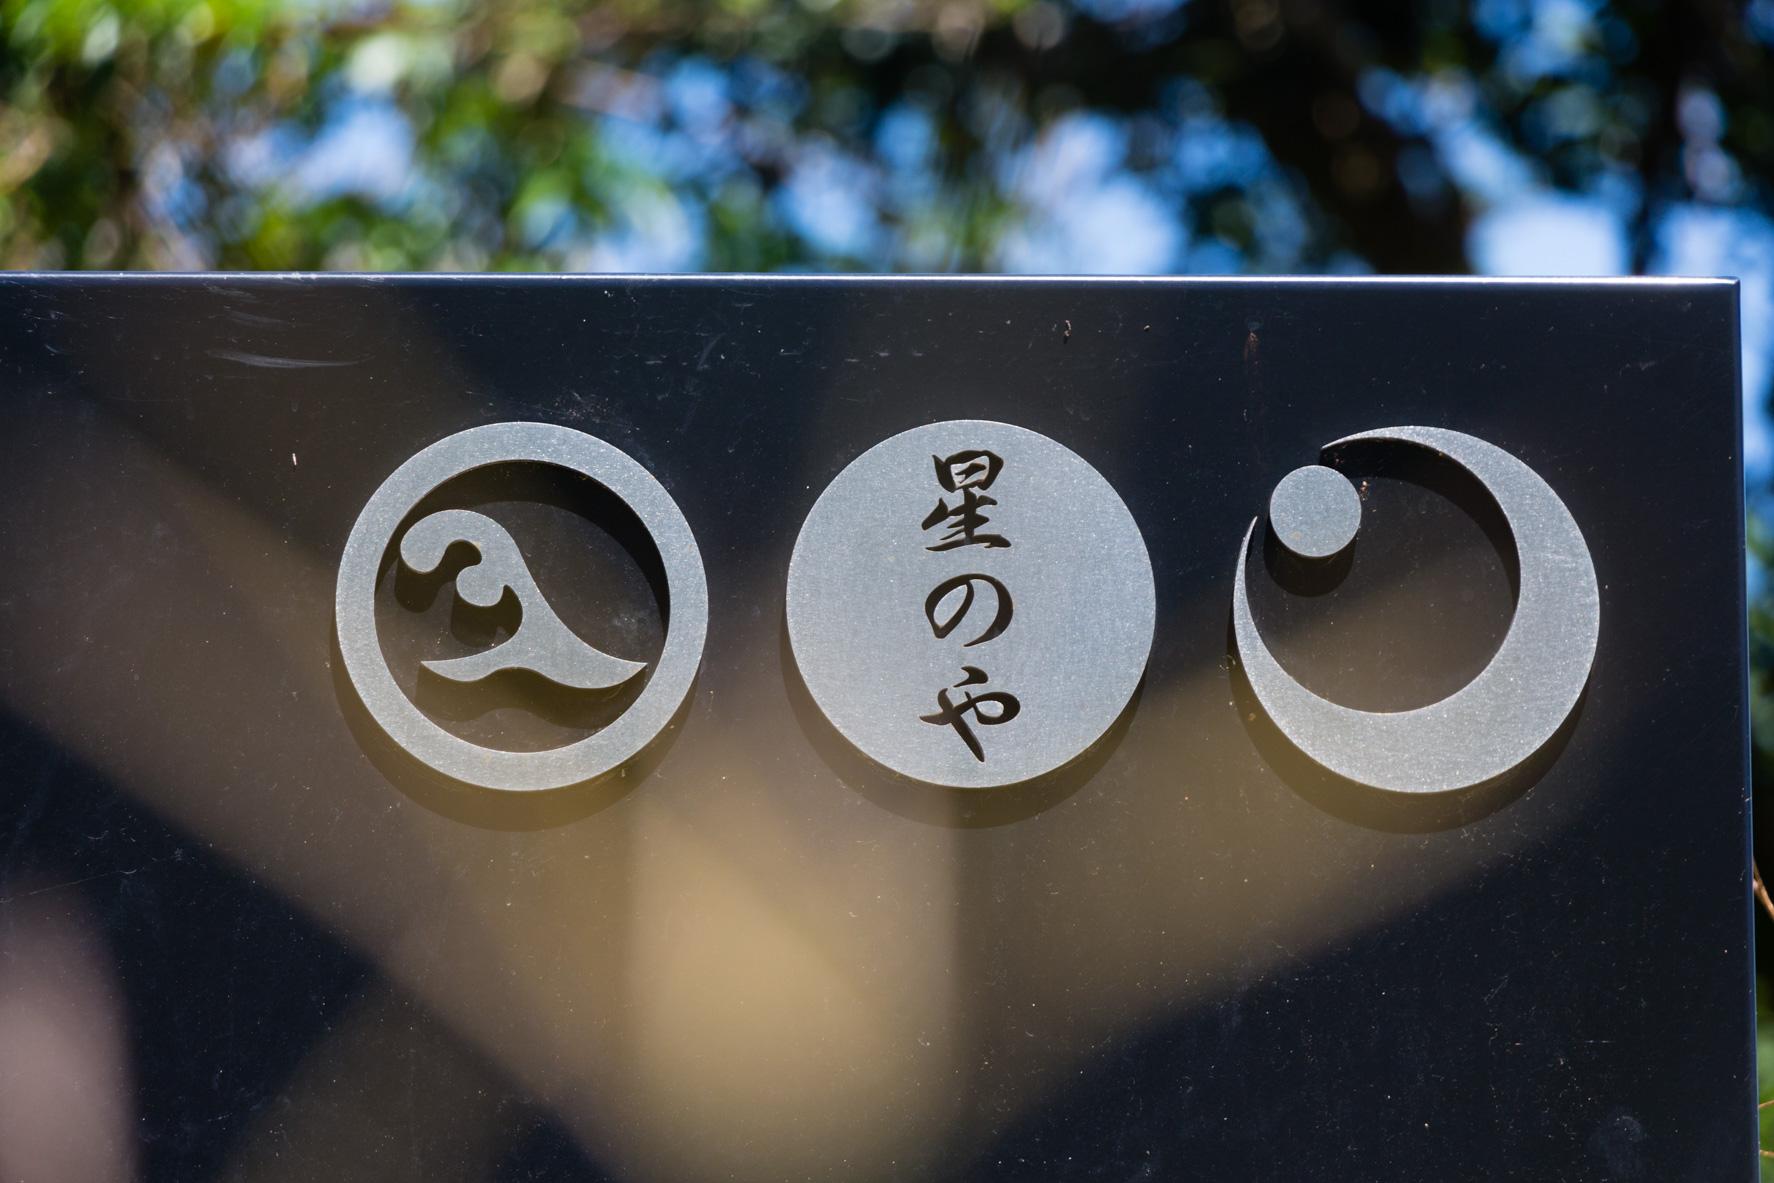 星のや 竹富島|星野リゾート